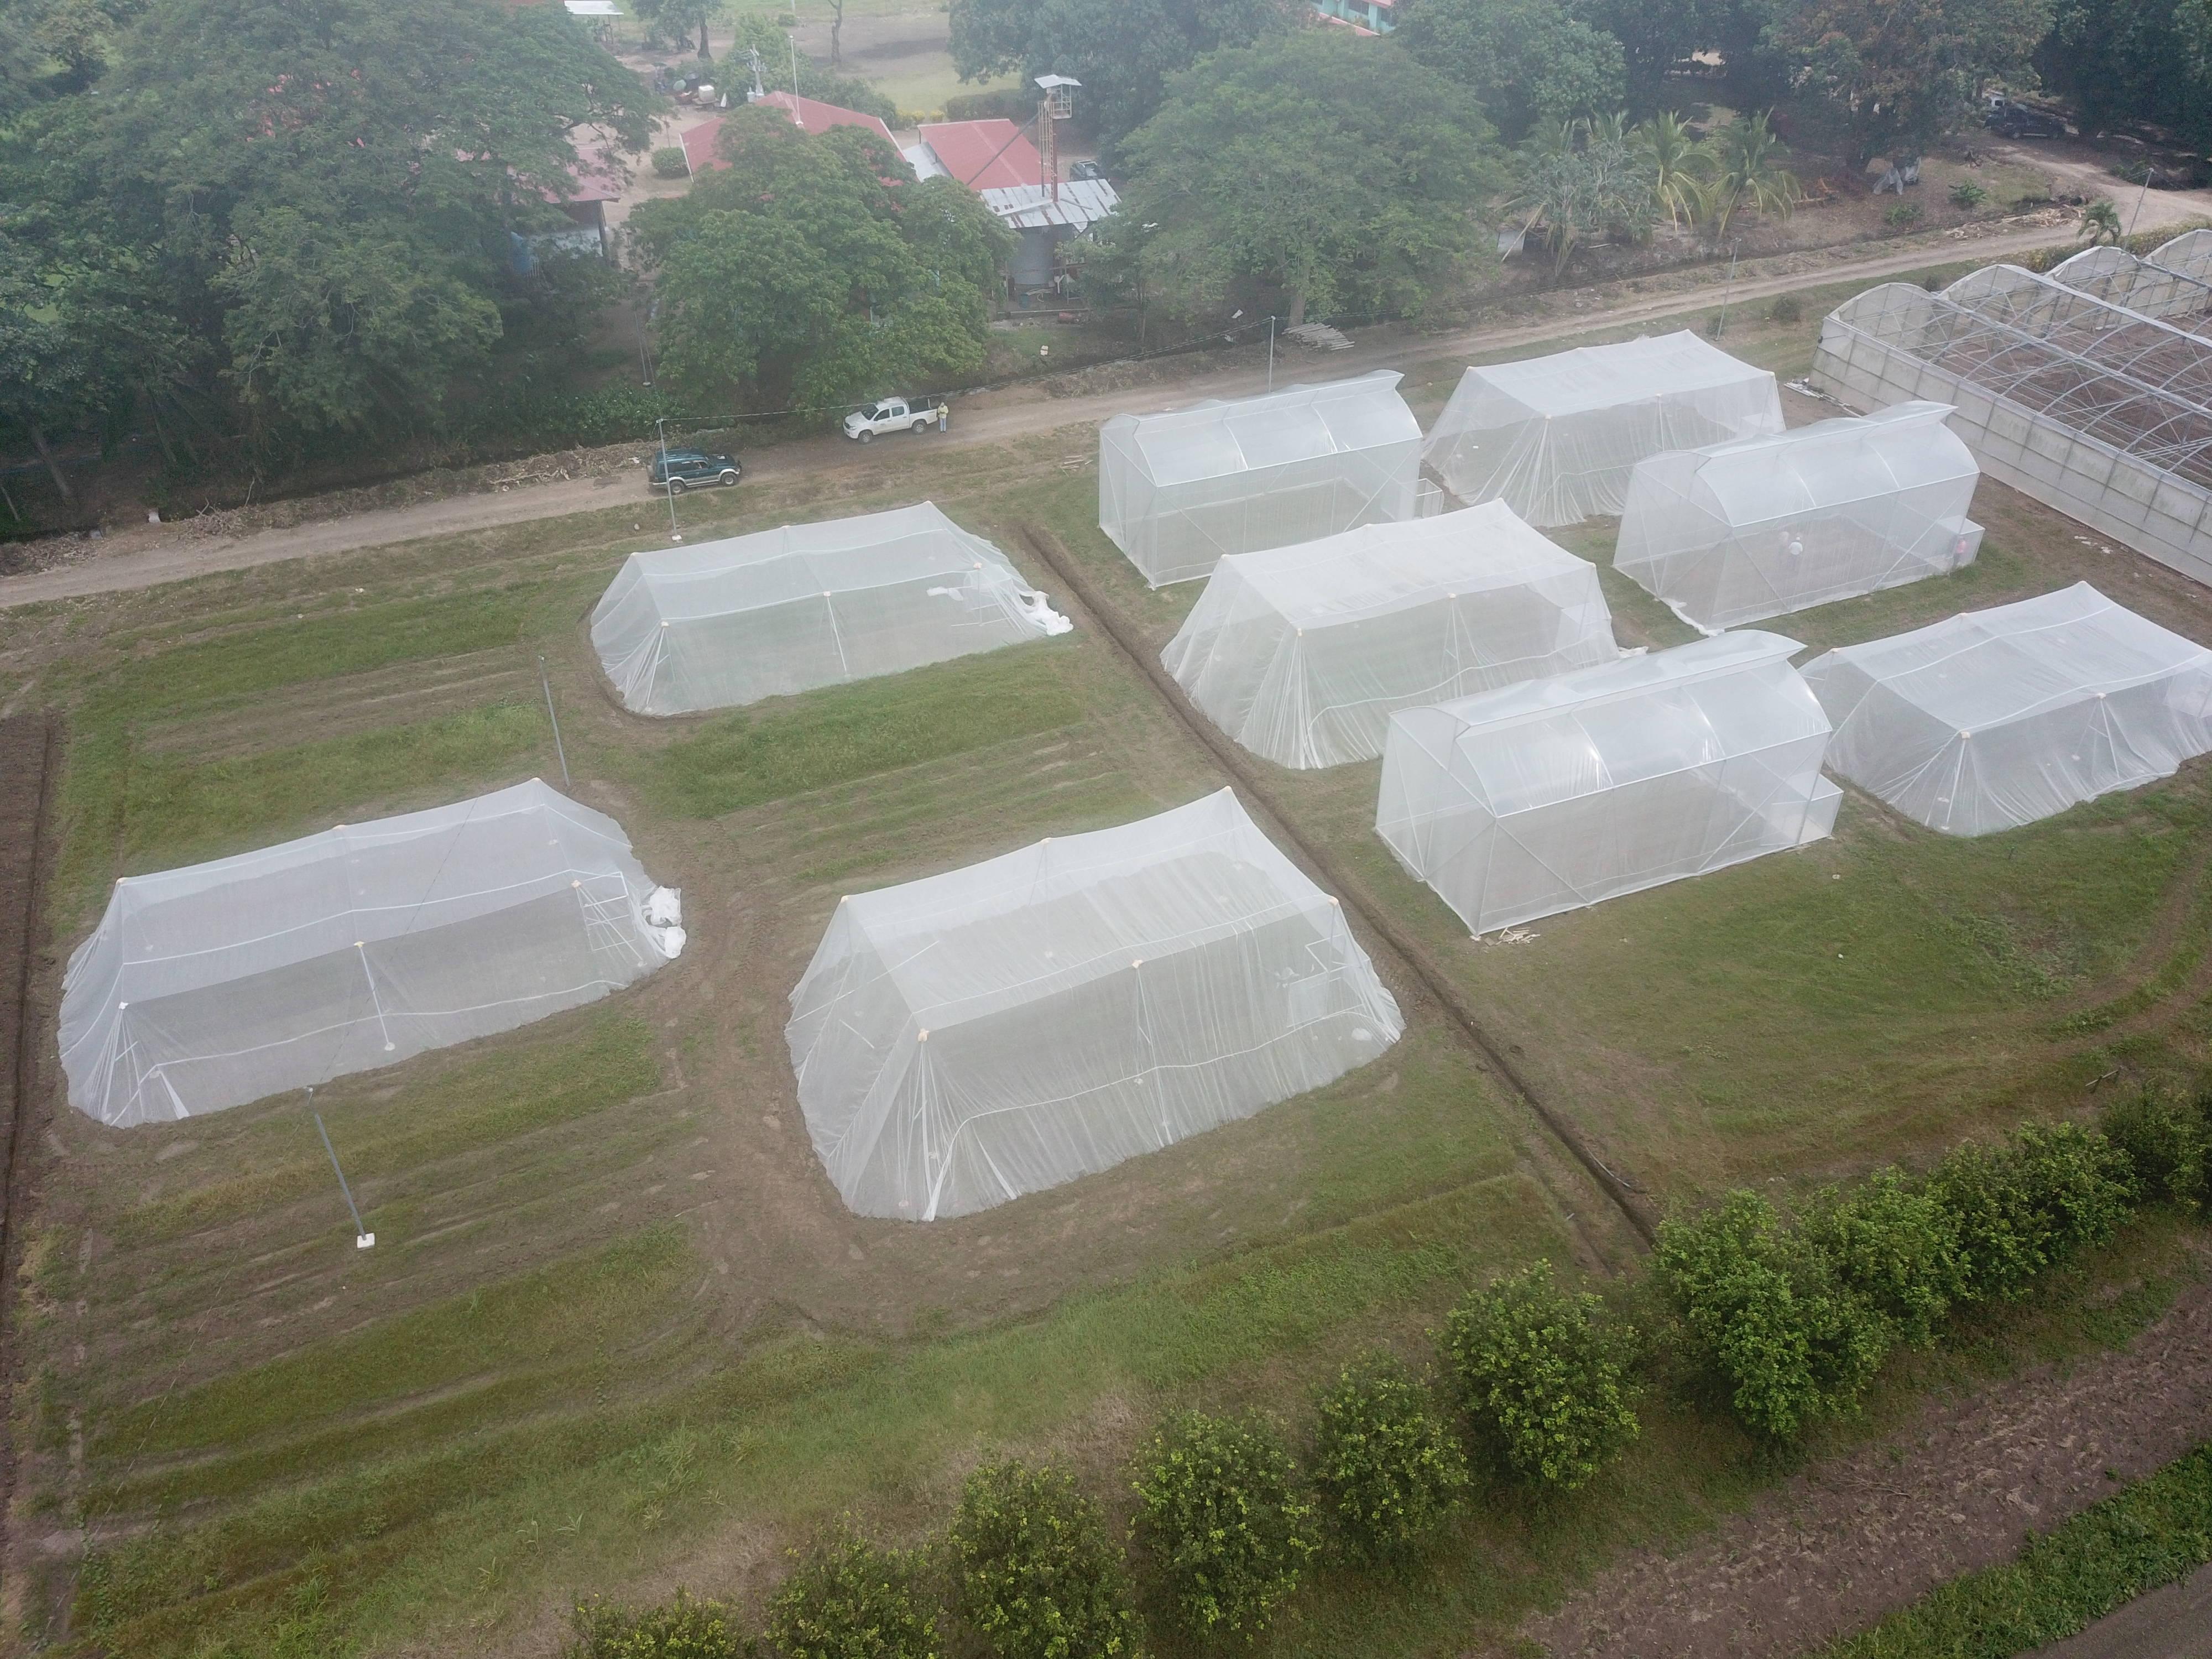 Imagen aérea de estructuras de ambiente protegido ubicadas en la Estación Experimental Enrique Jiménez Núñez INTA Costa Rica